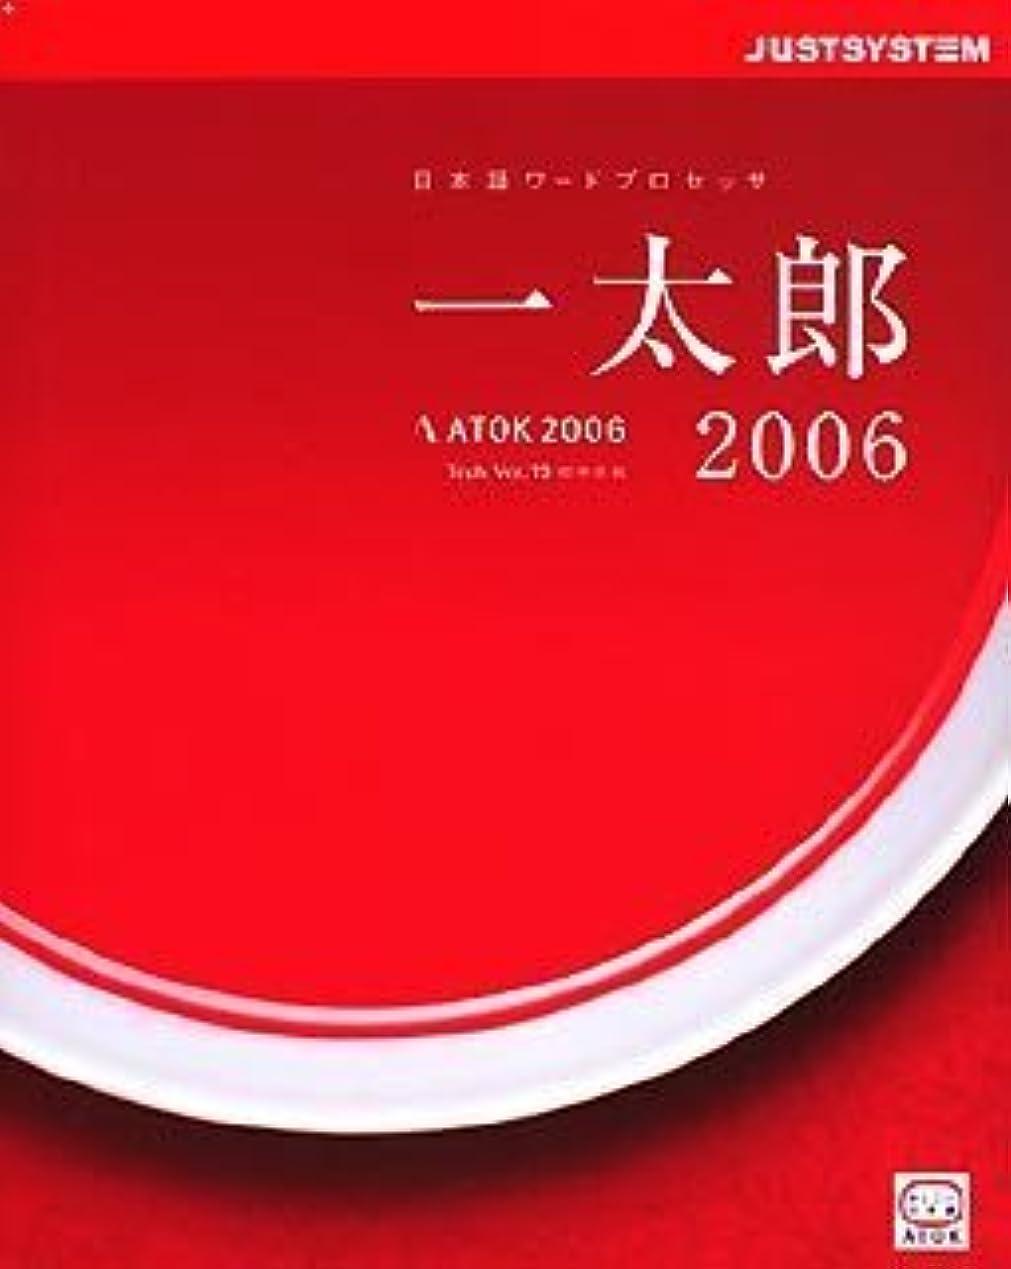 団結貴重なうがい一太郎2006 for Windows CD-ROM